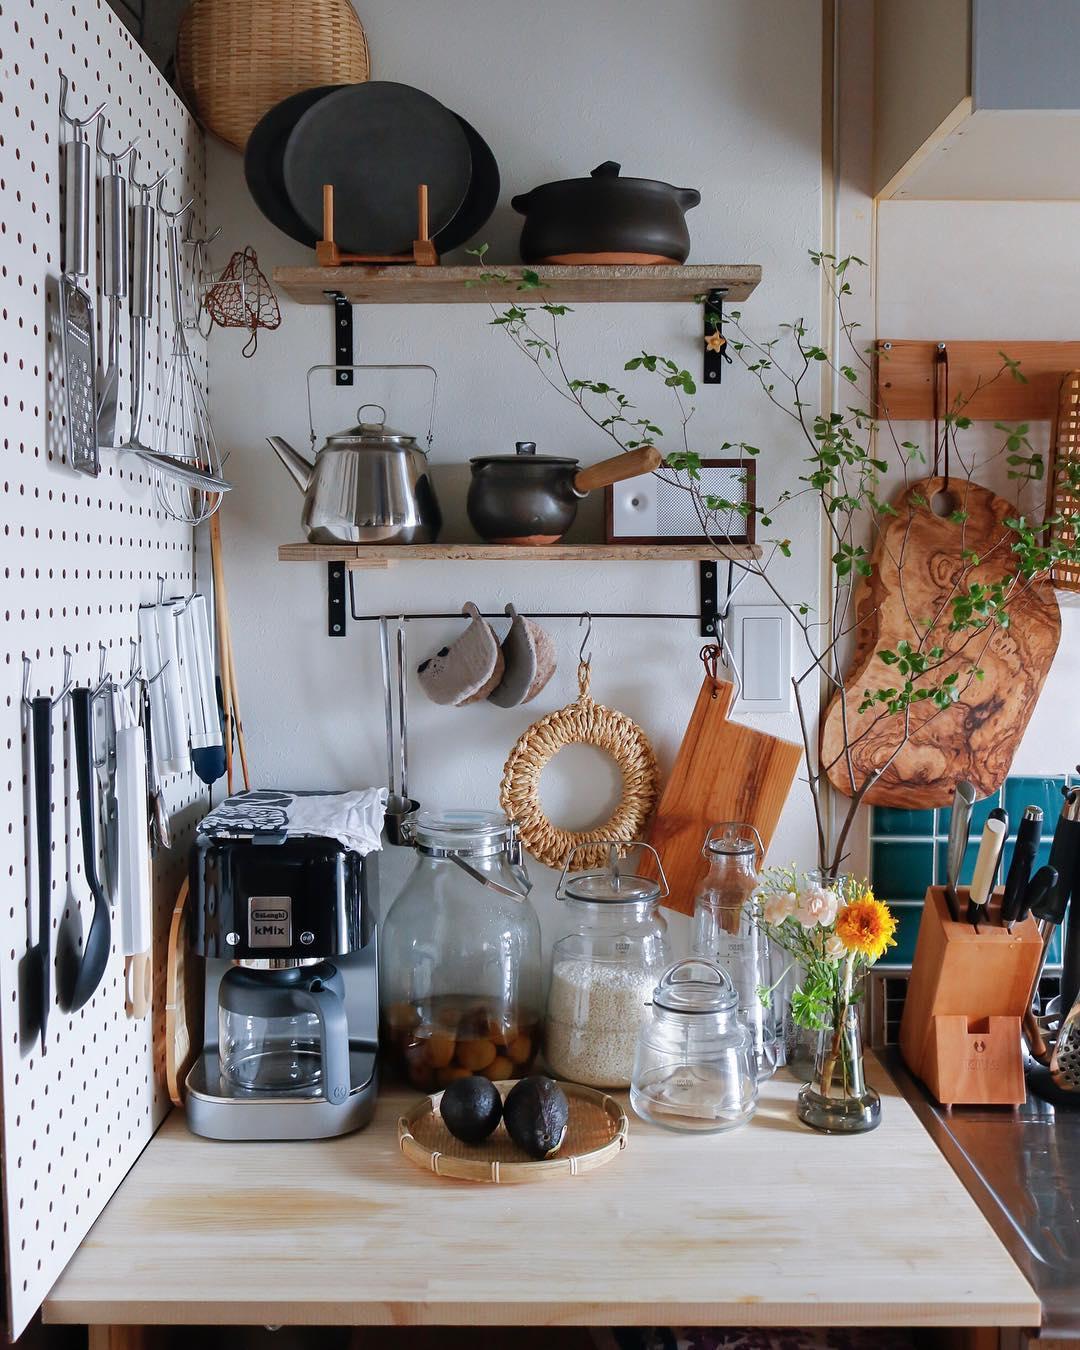 有孔ボードで利便性UP!なカフェ風キッチン